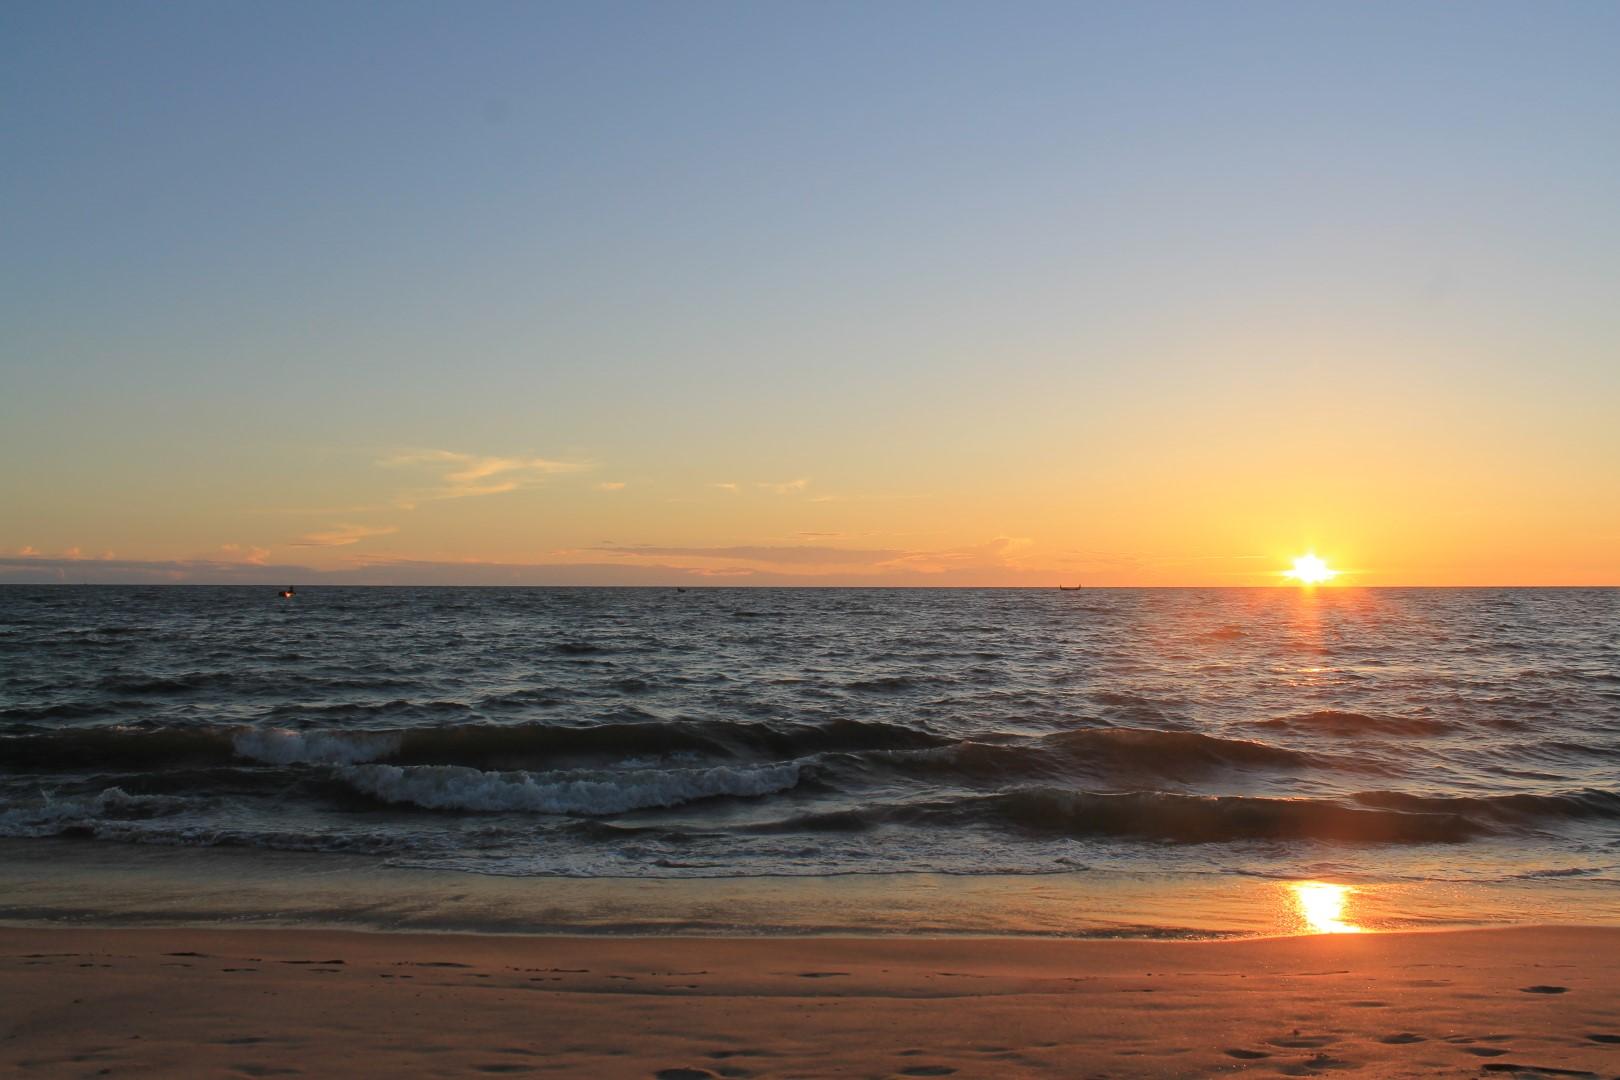 Sunset at marari beach, kerala, india.